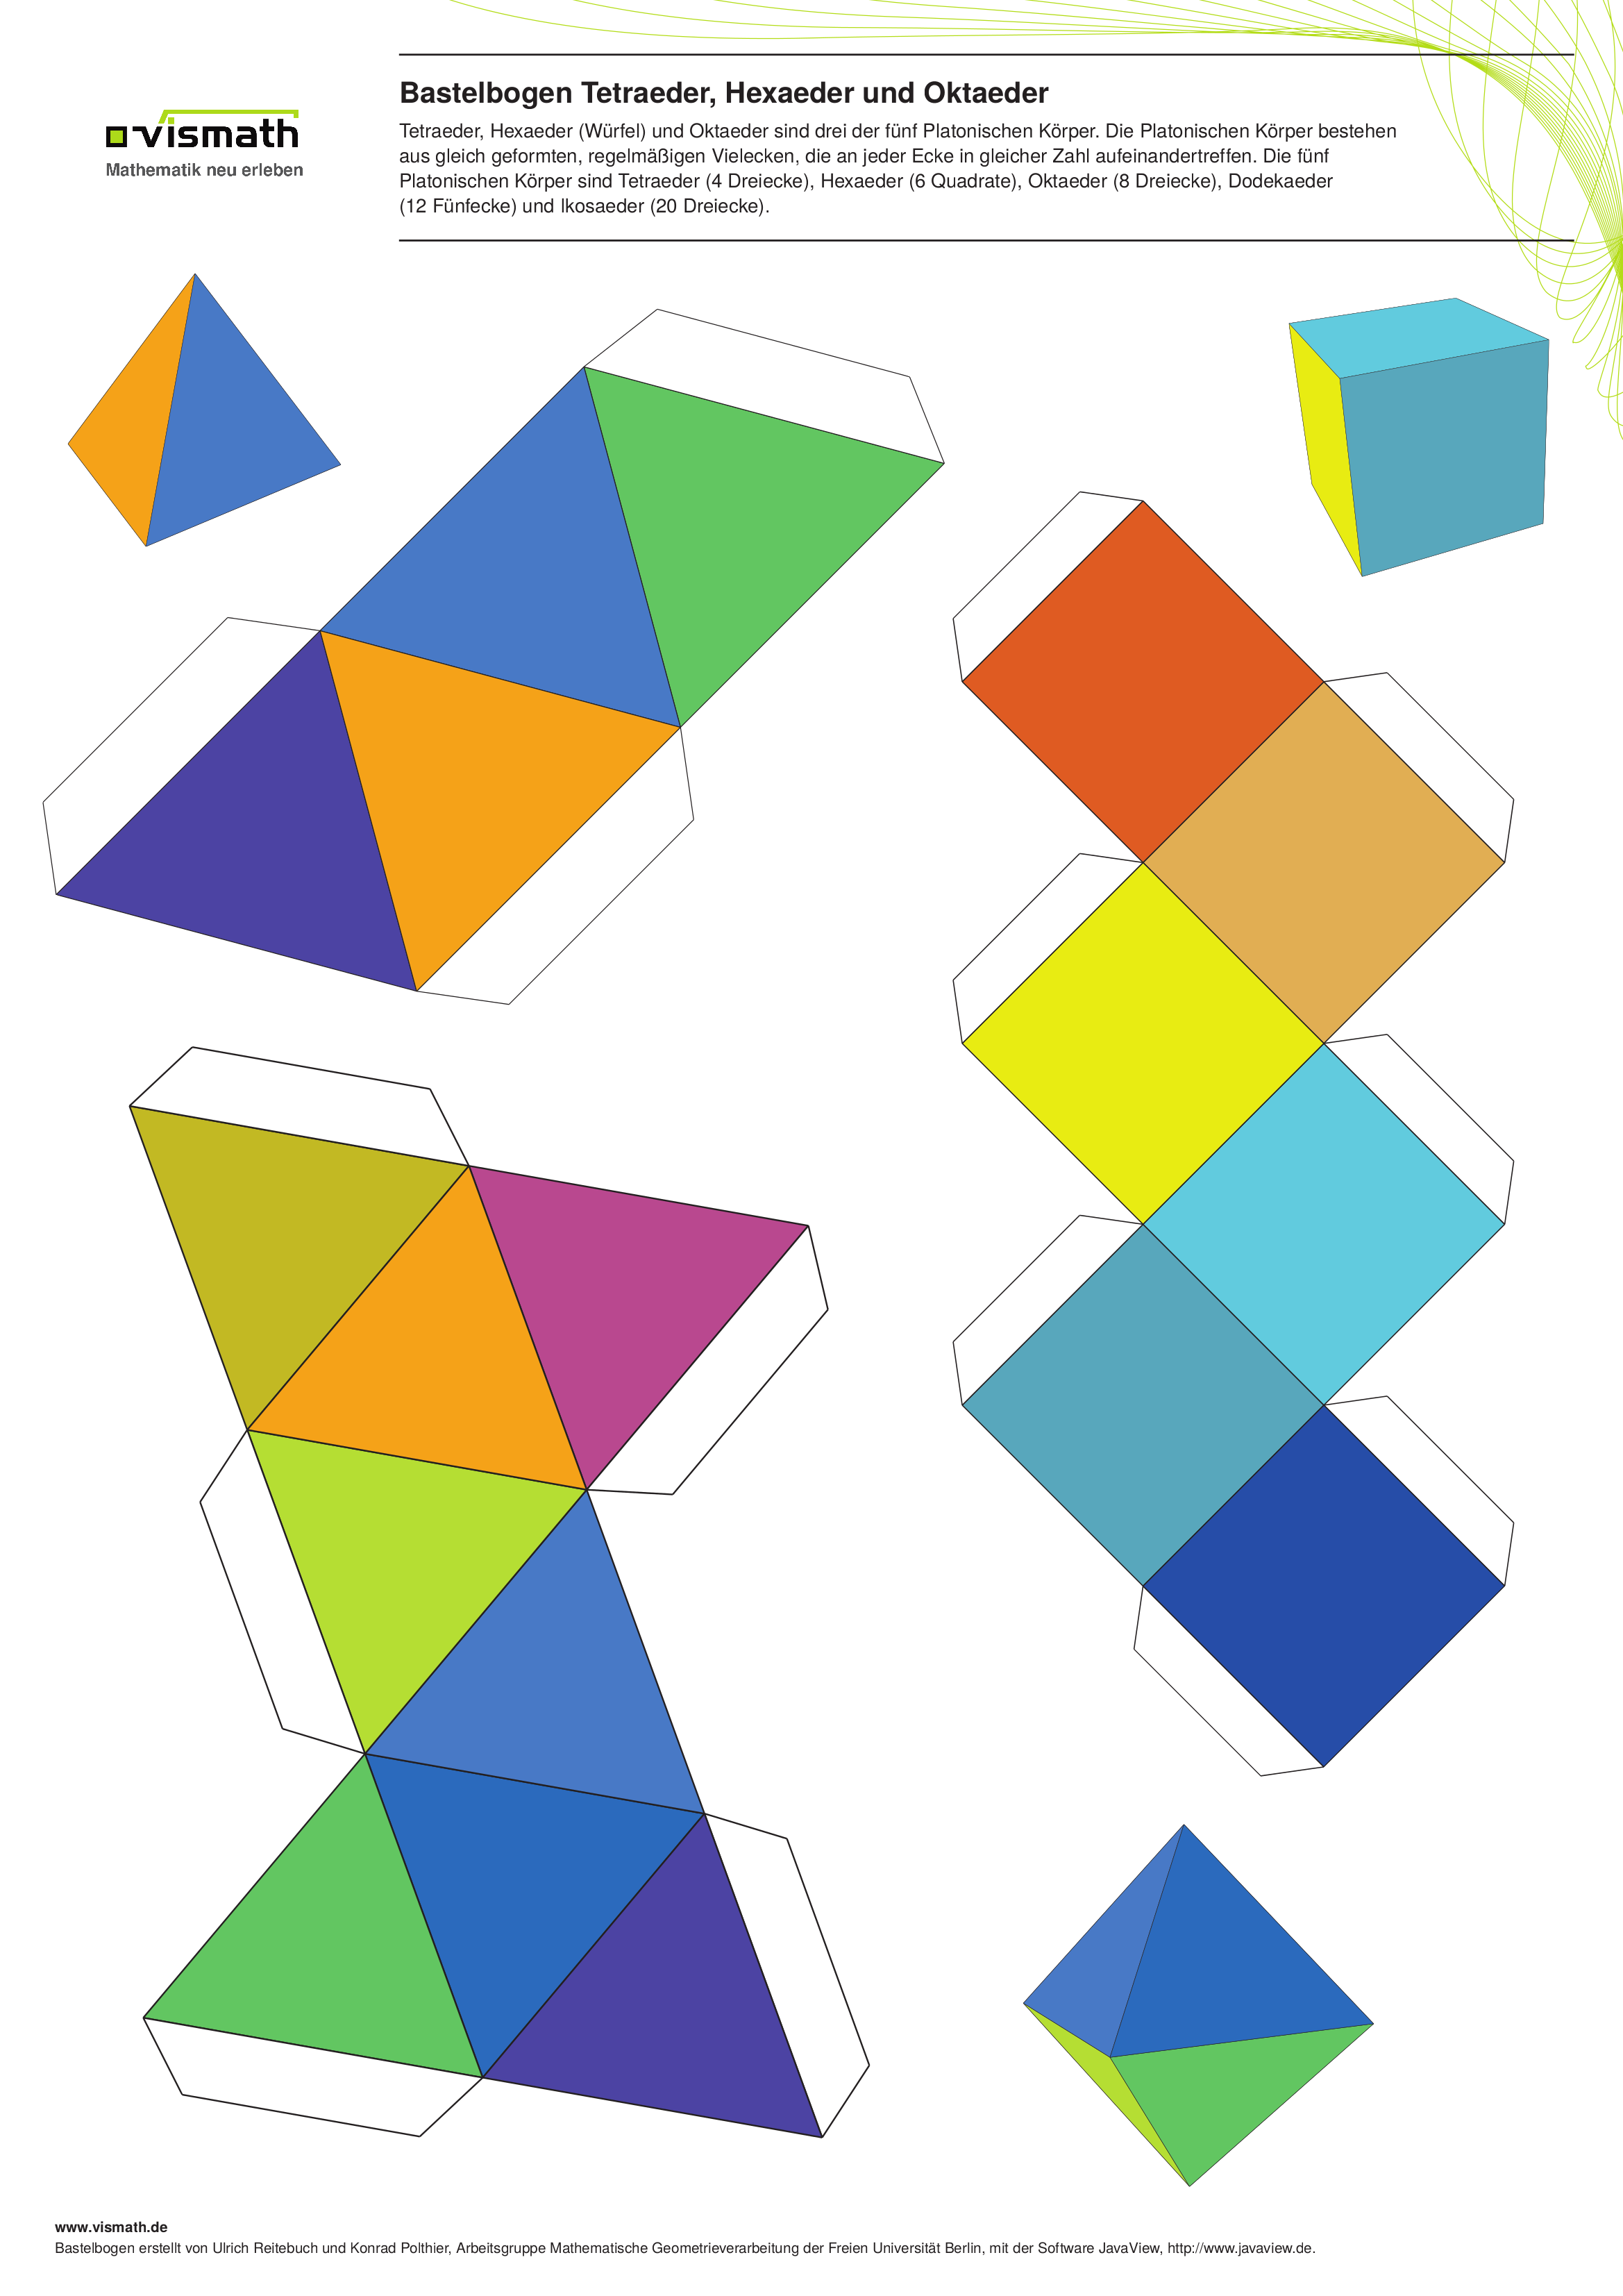 Bastelbogen Set Platonische Korper Fussball Und Kaleidozykel Bauen Konstruieren Bastelbogen Oktaeder Wurfel Basteln Bastelbogen